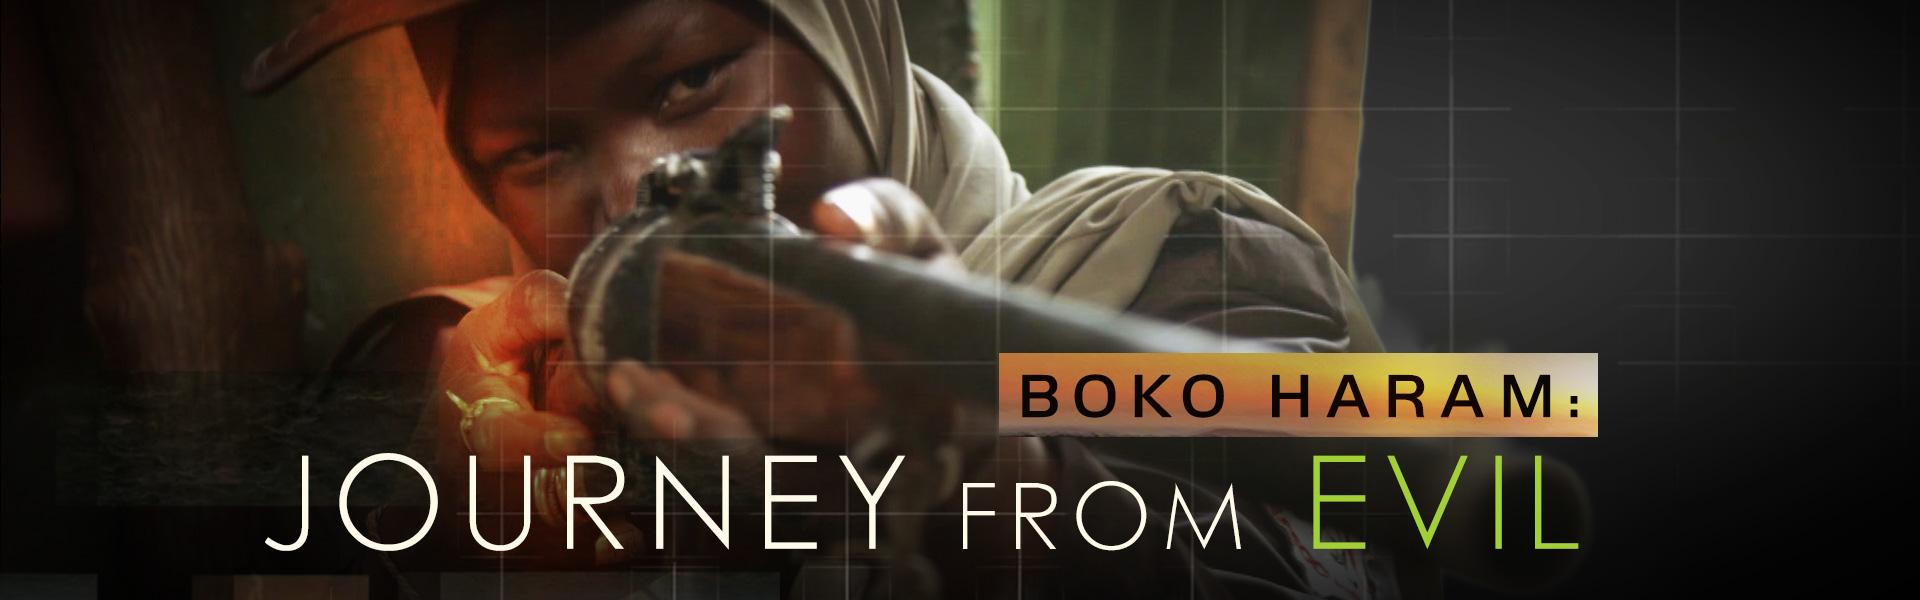 Boko Haram:  Journey from Evil – Winner of a Gold Medal at the New York Film Festival